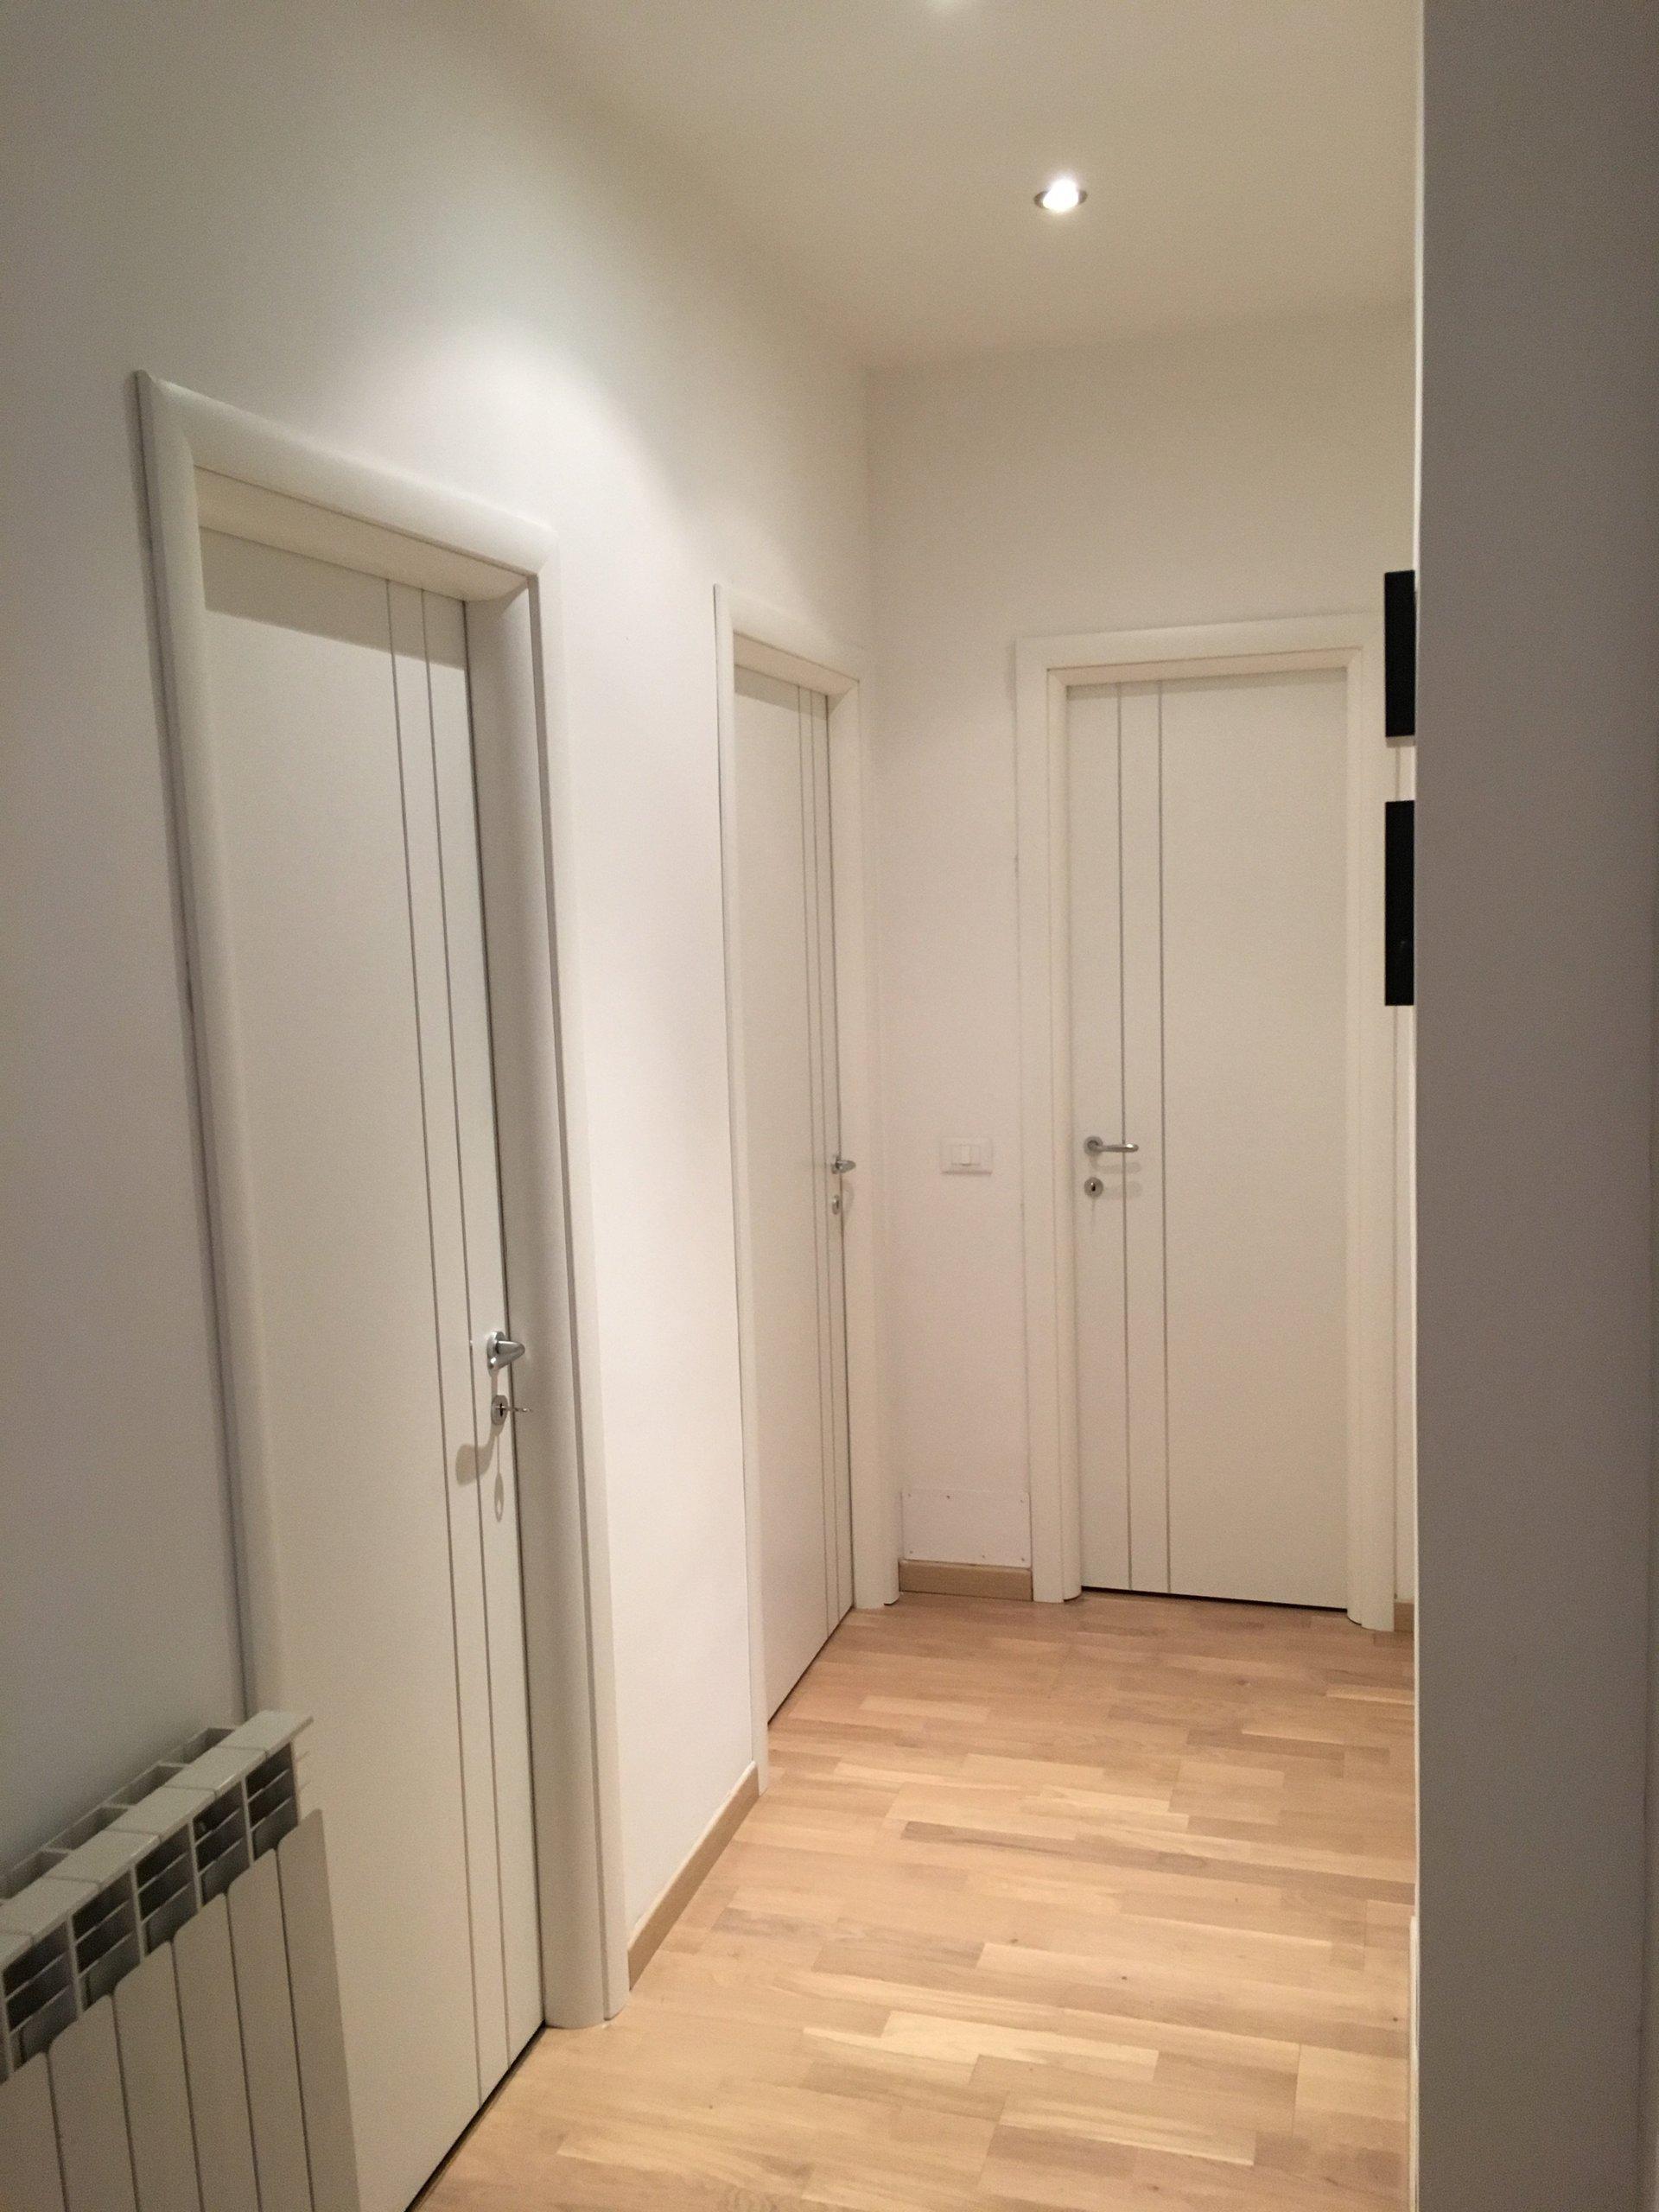 corridoio con porte bianche